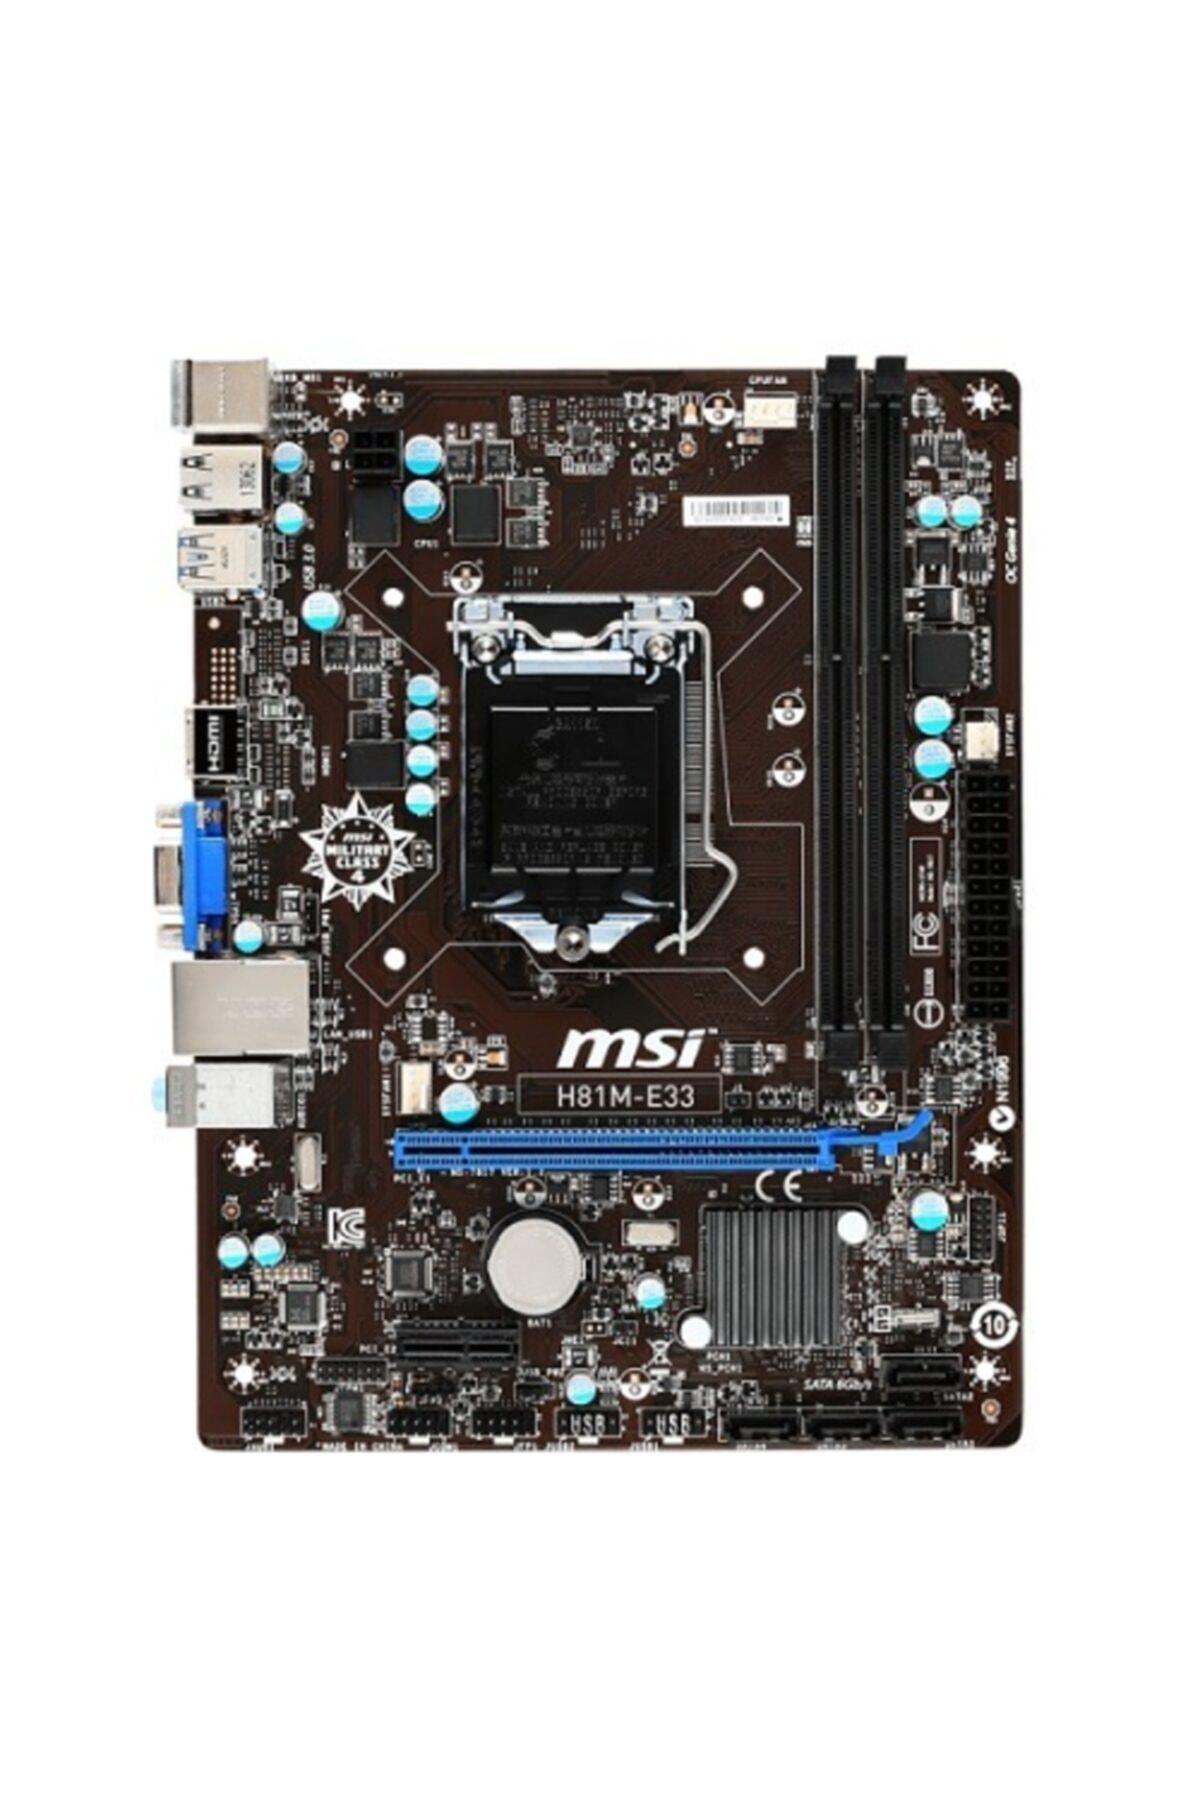 MSI H81m-e33 Ddr3 S+v+gl Dvı 1150p 2